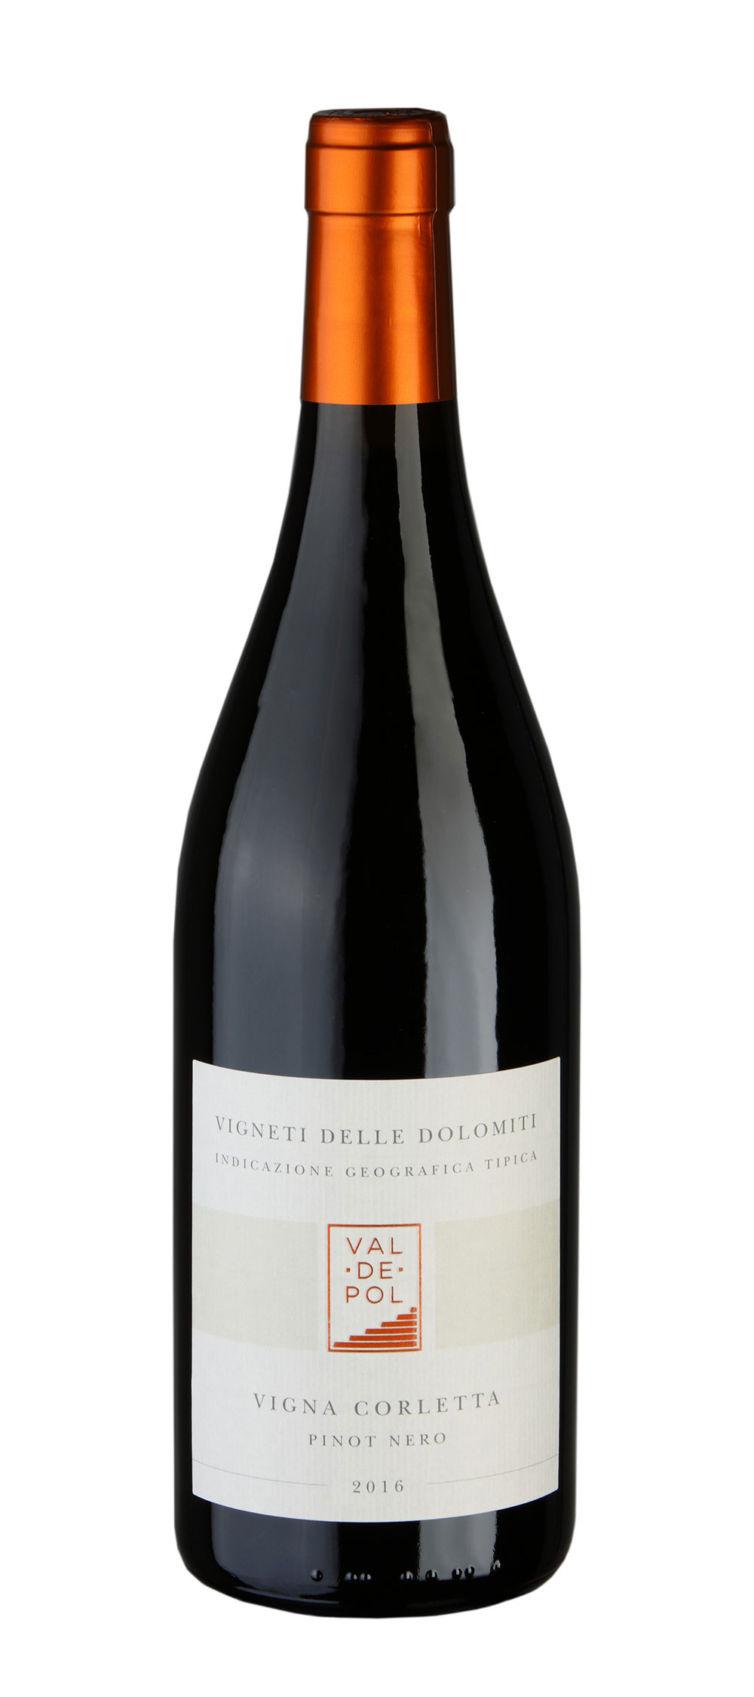 Pinot nero Vigna Corletta